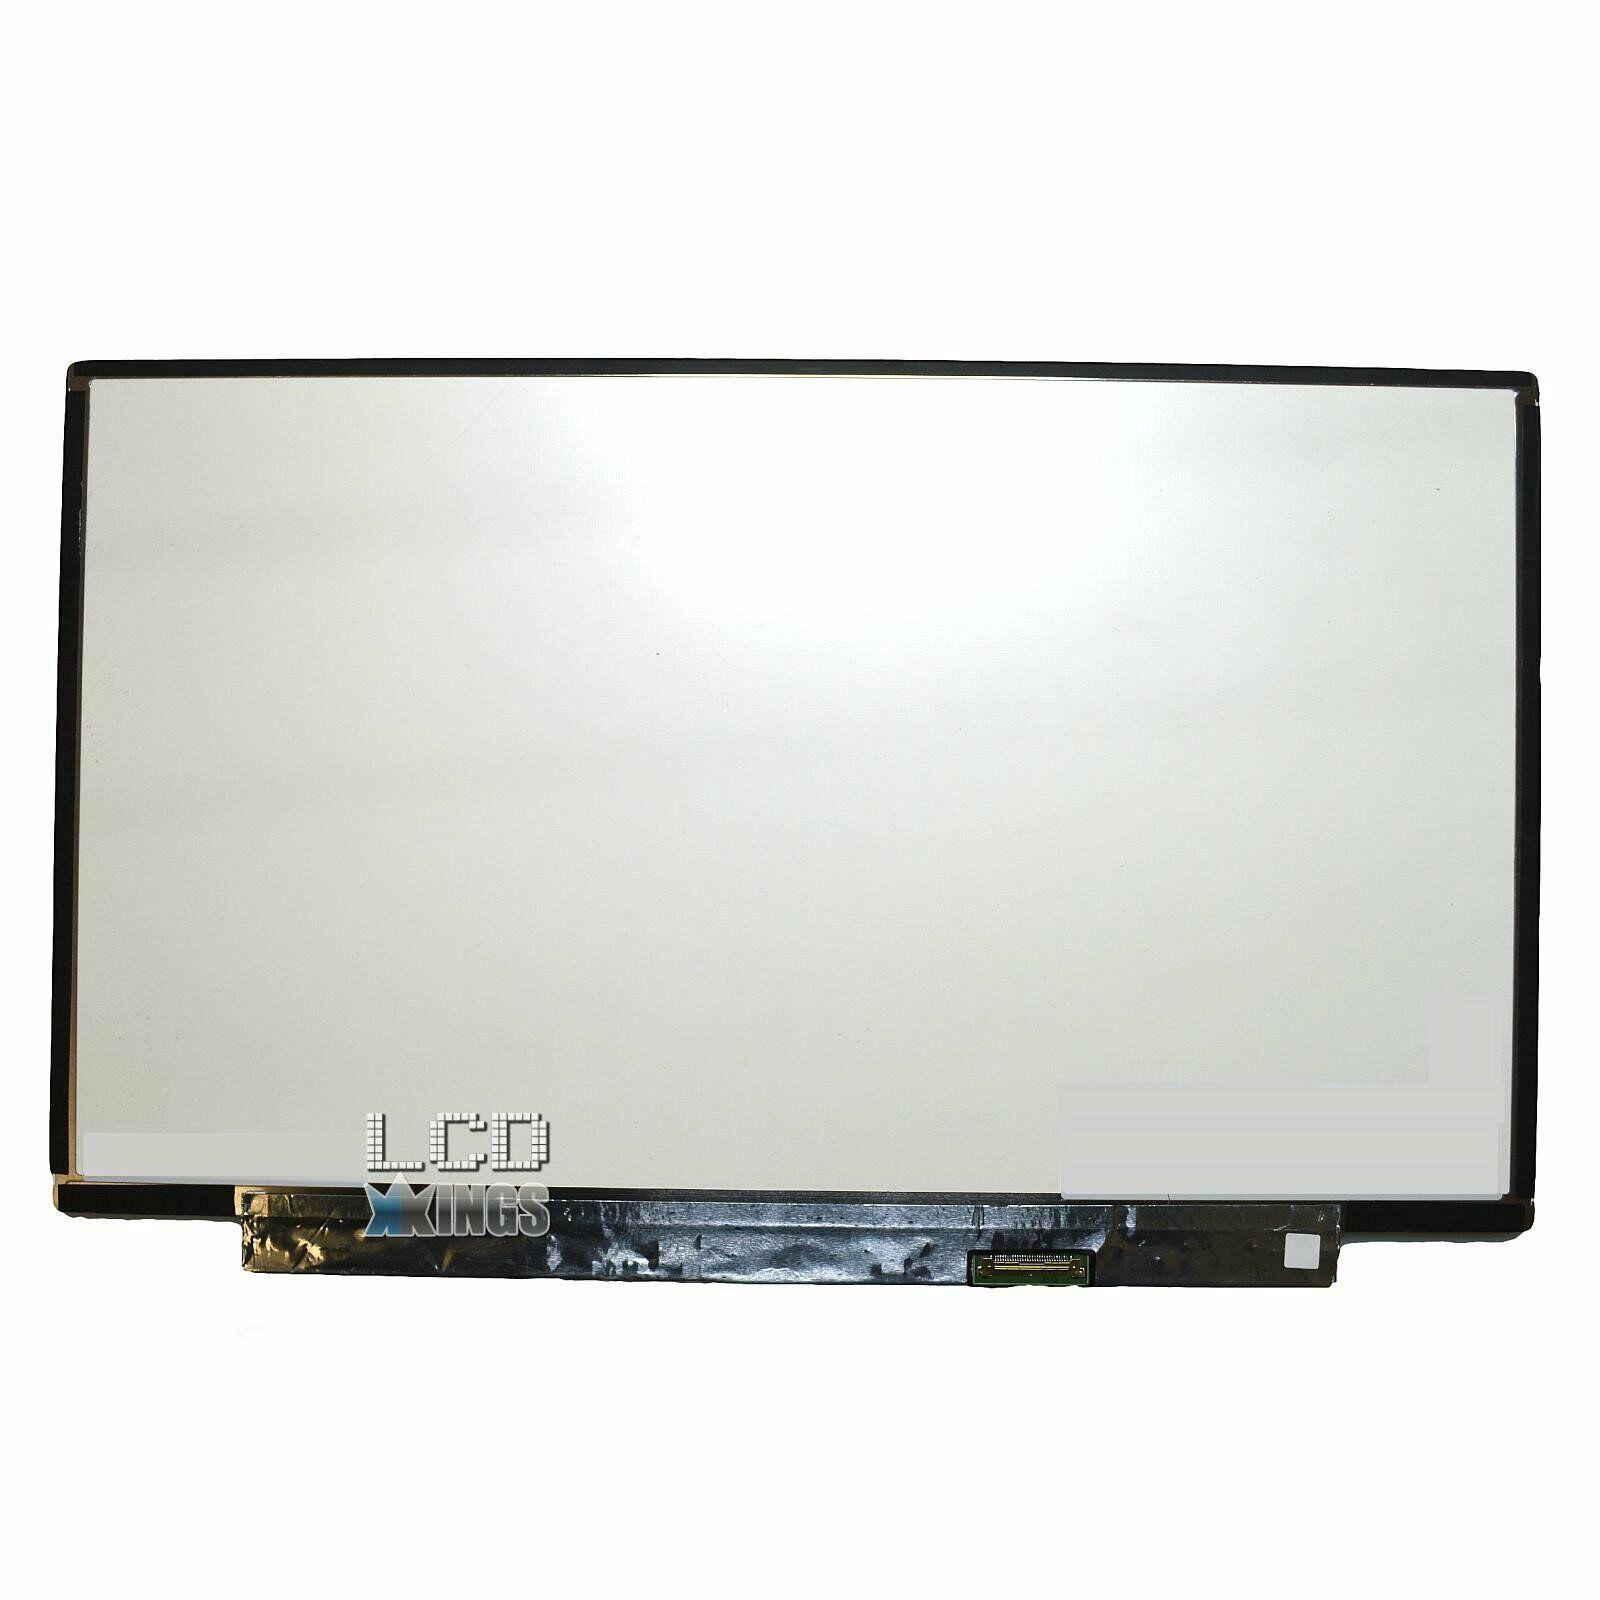 Sharp lq133m1jw02 13.3